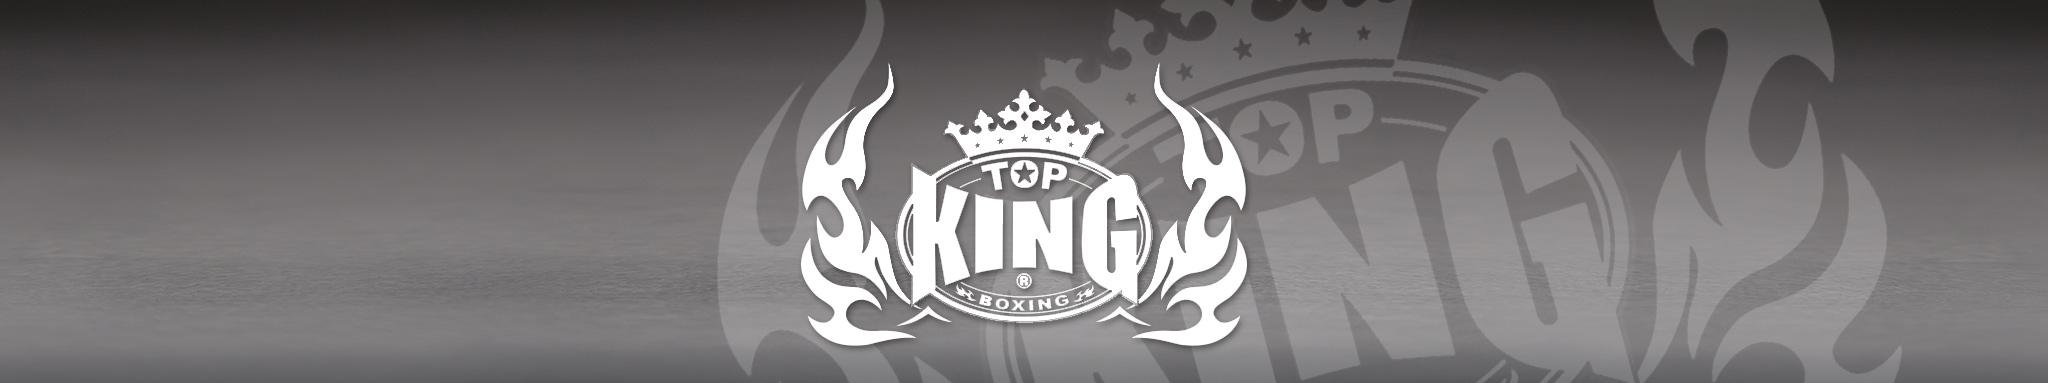 Top King : équipements & accessoires de la marque Top King Boxing | Dragon Bleu